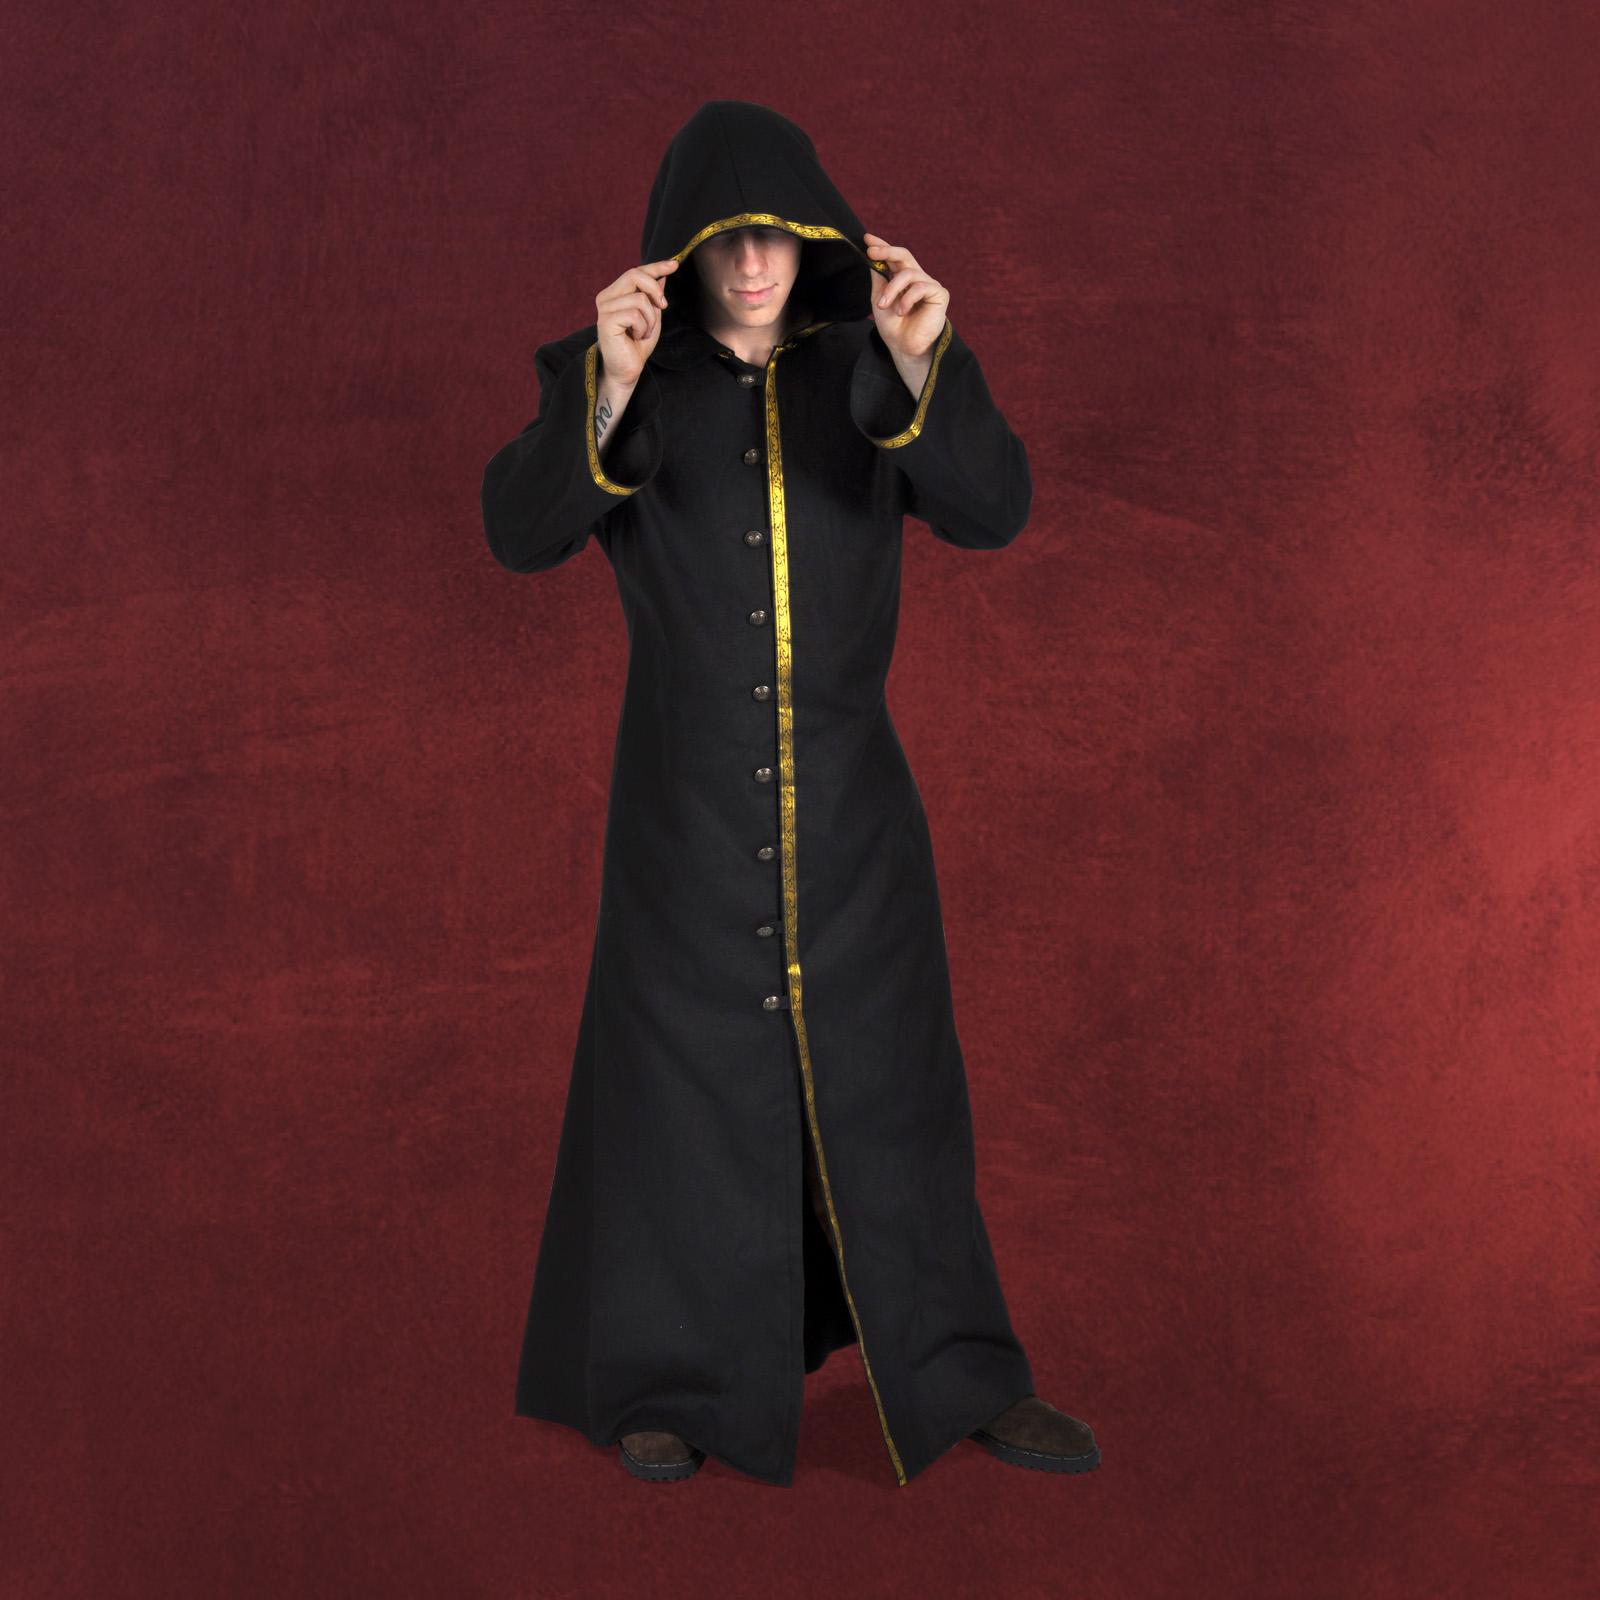 schwarzer lord mittelalter mantel herren gewand kost m. Black Bedroom Furniture Sets. Home Design Ideas